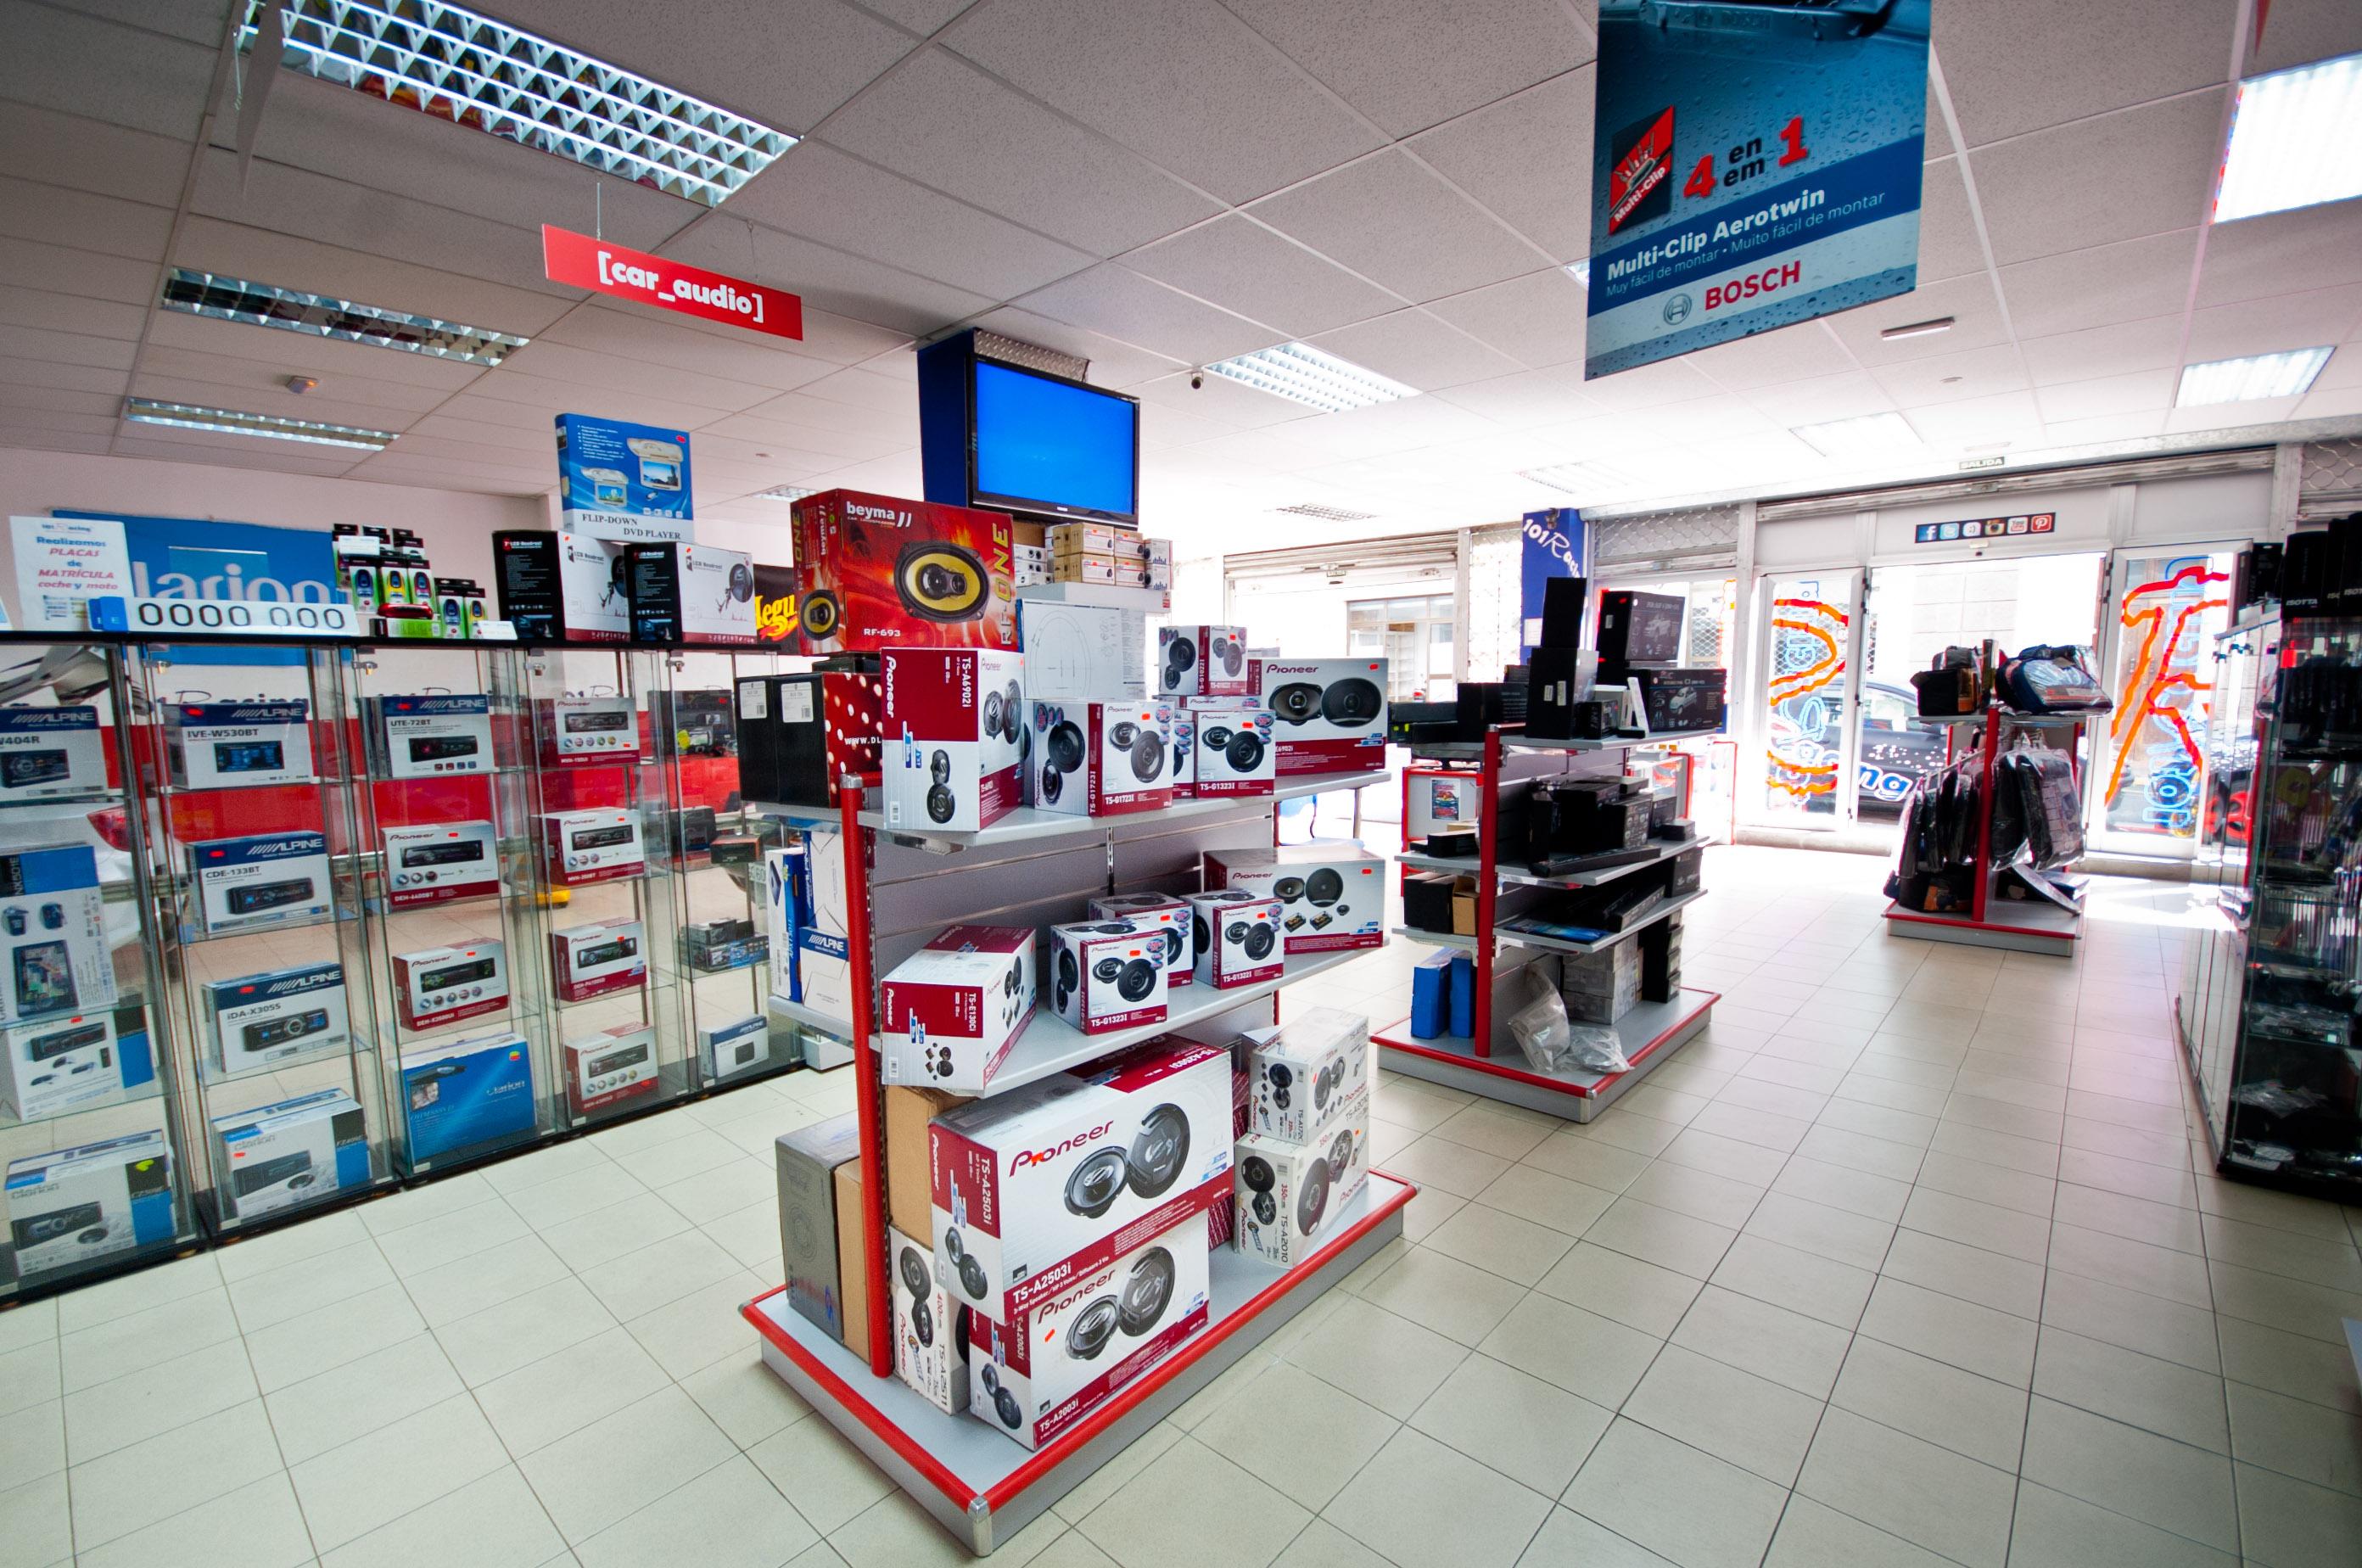 Zona tienda 101Racing todo el tuning de Canarias